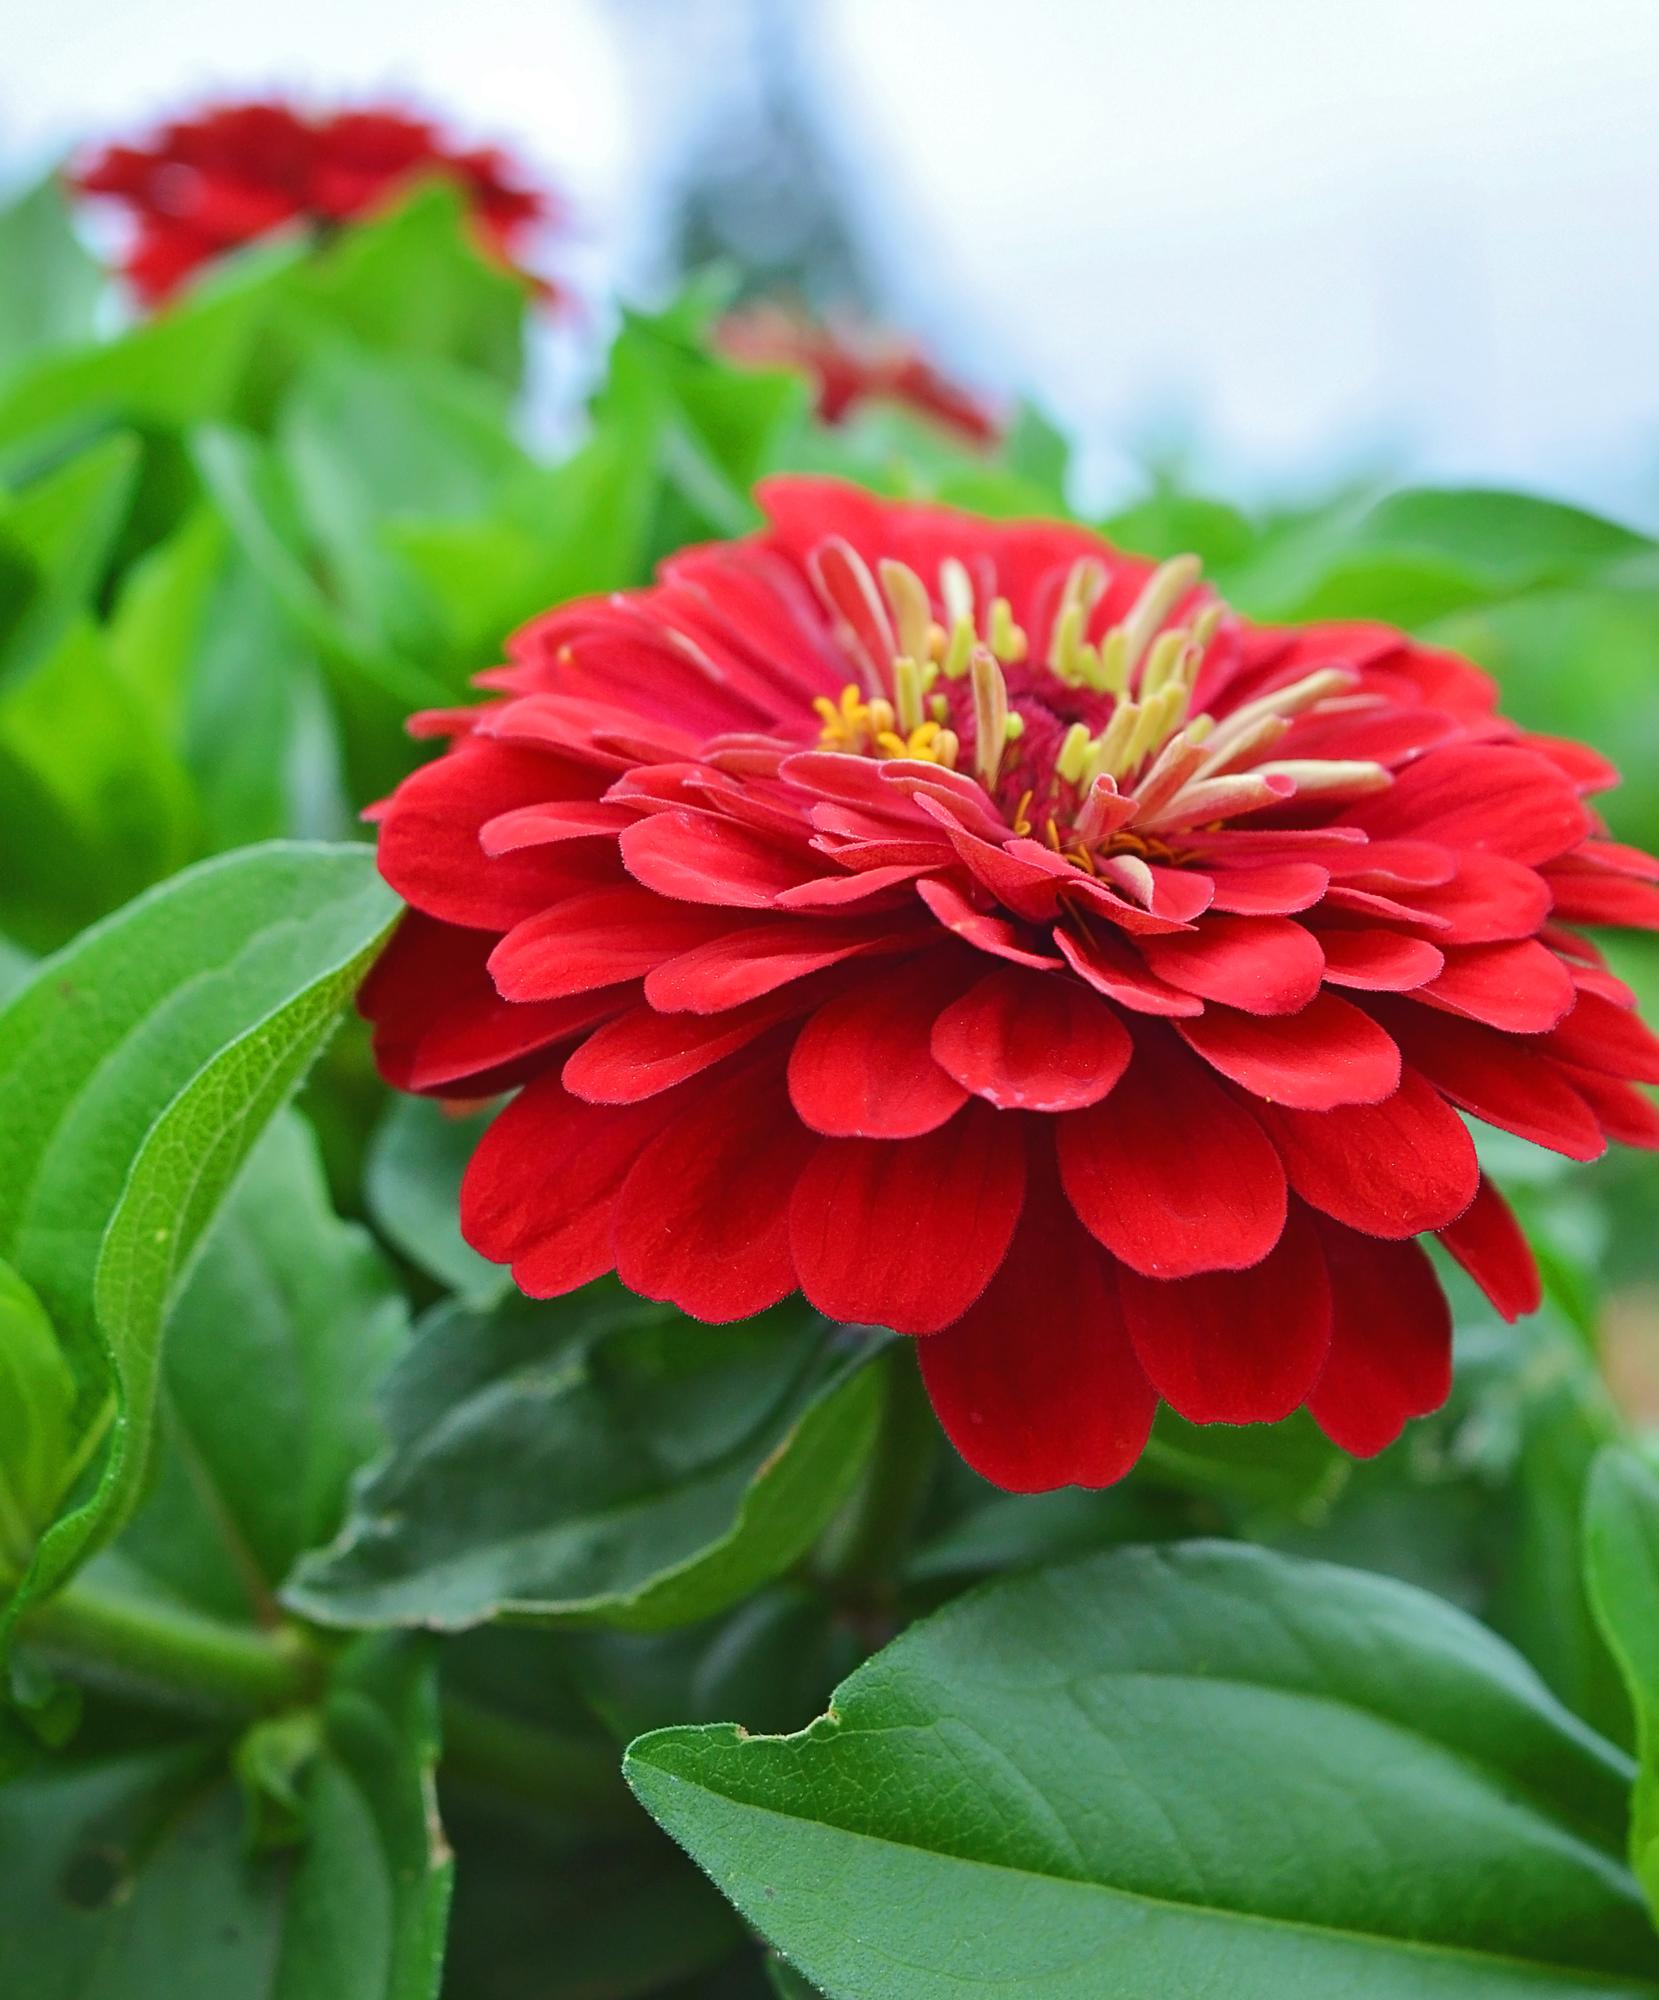 zinnia-flower-trials2-07-25-16.jpg